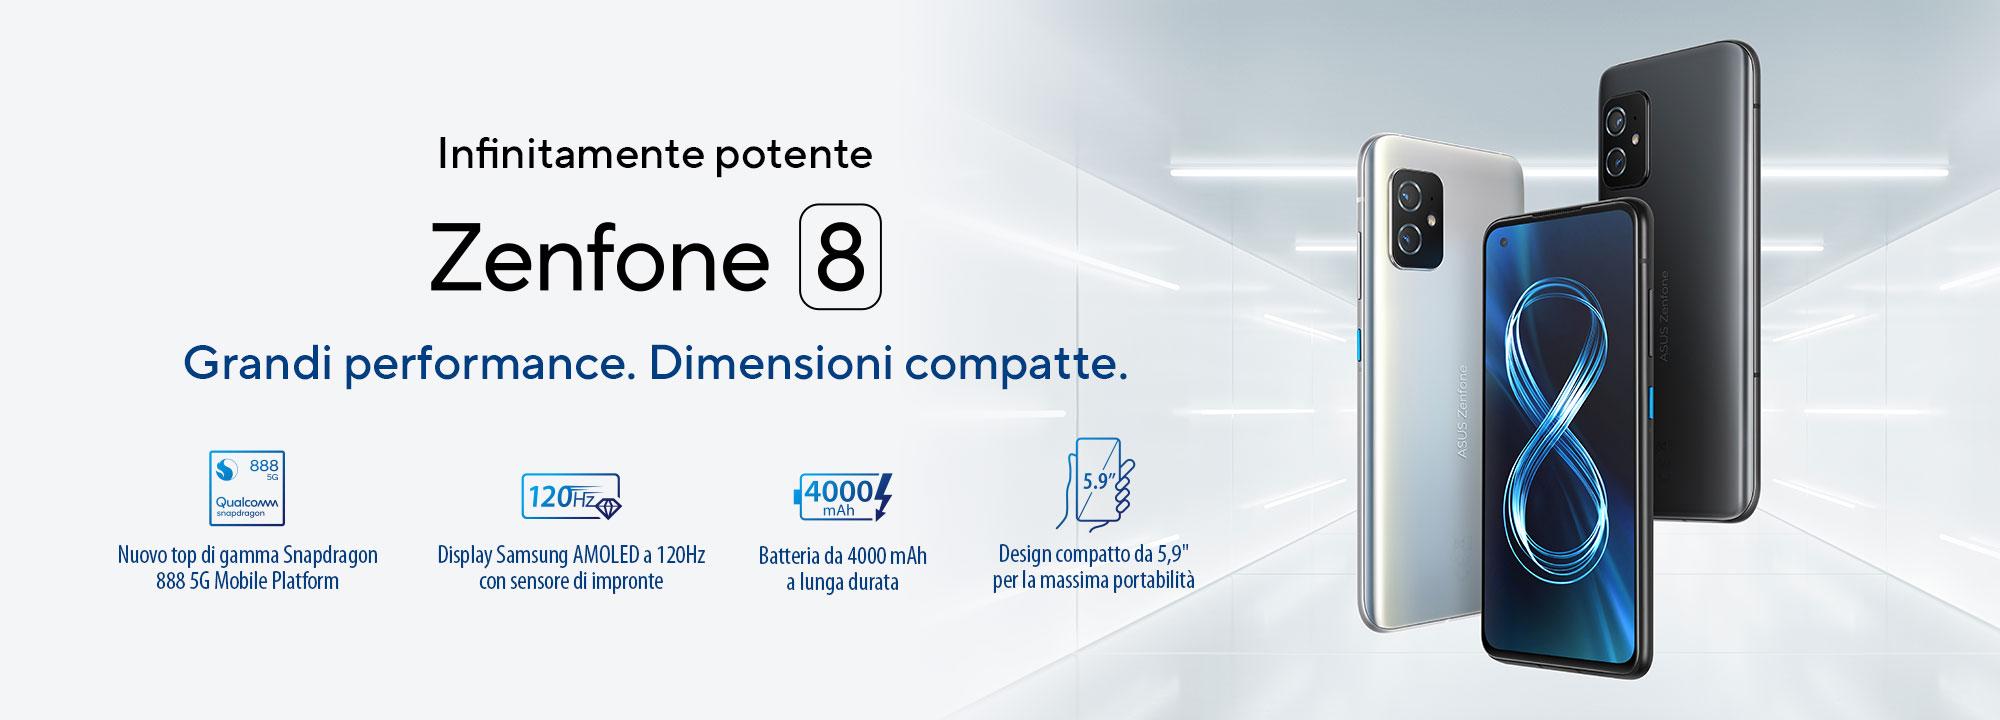 Zenfone 8 ASUS